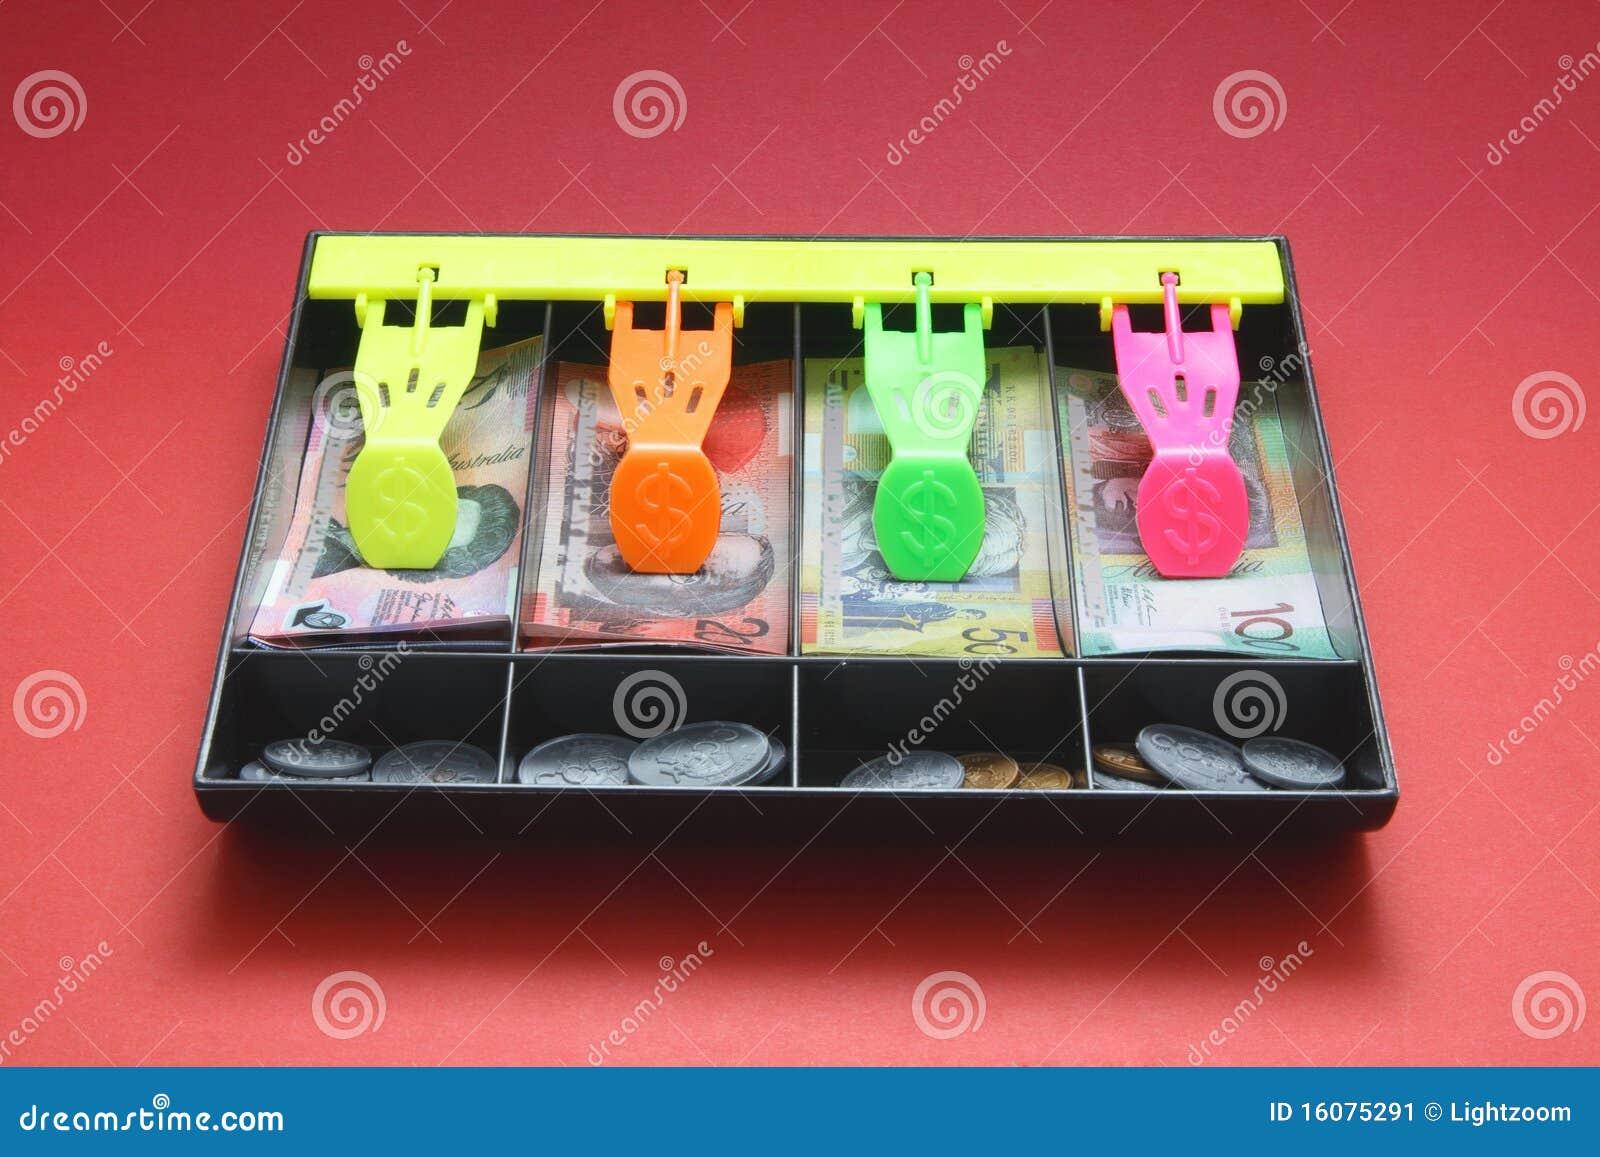 Caja registradora del juguete imagen de archivo imagen - Caja registradora juguete ...